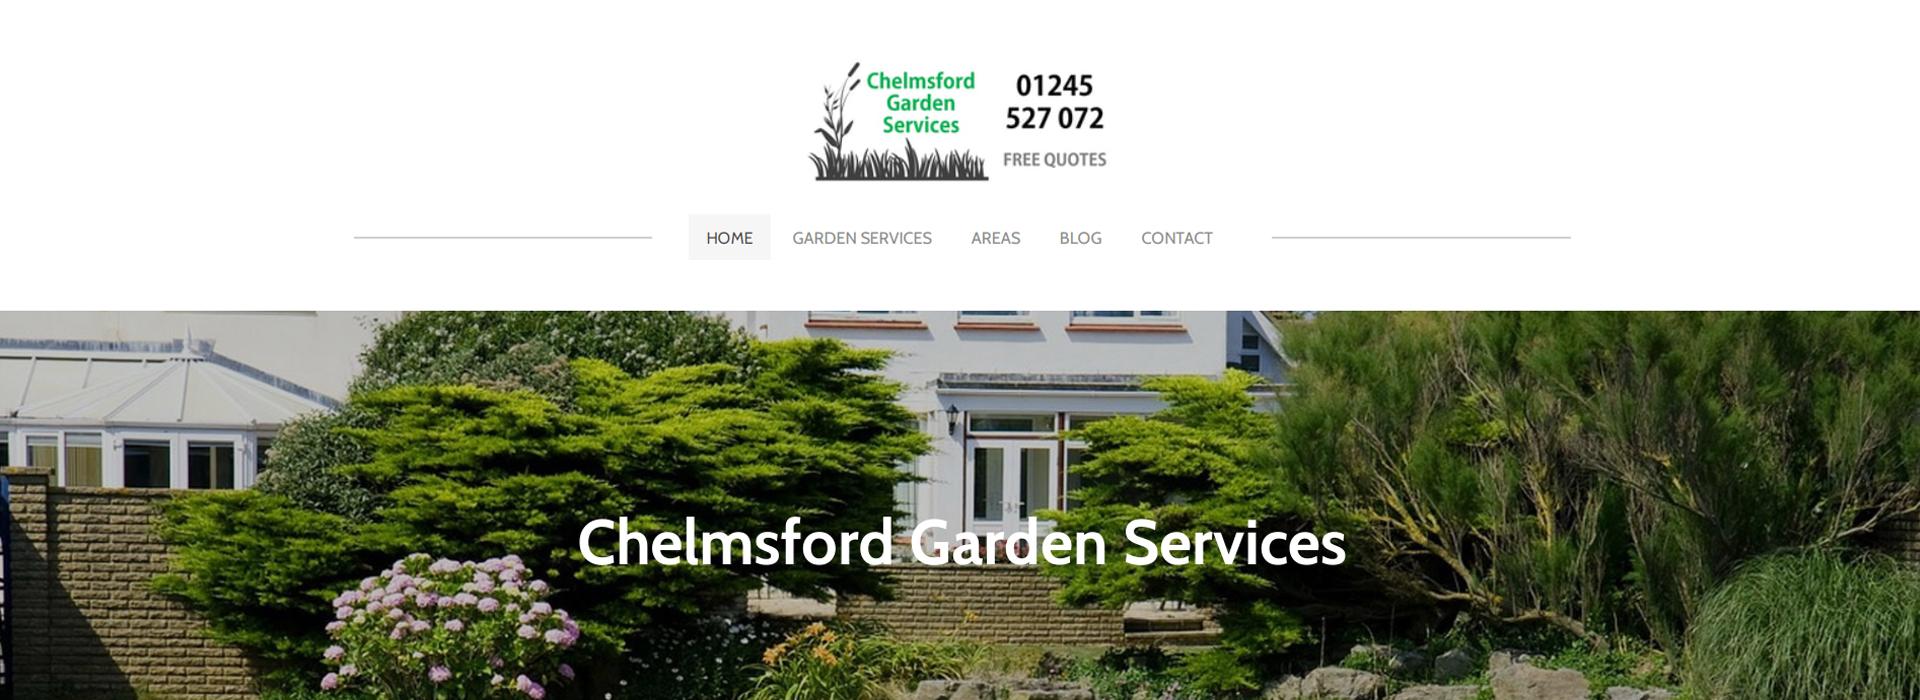 chelmsford garden services